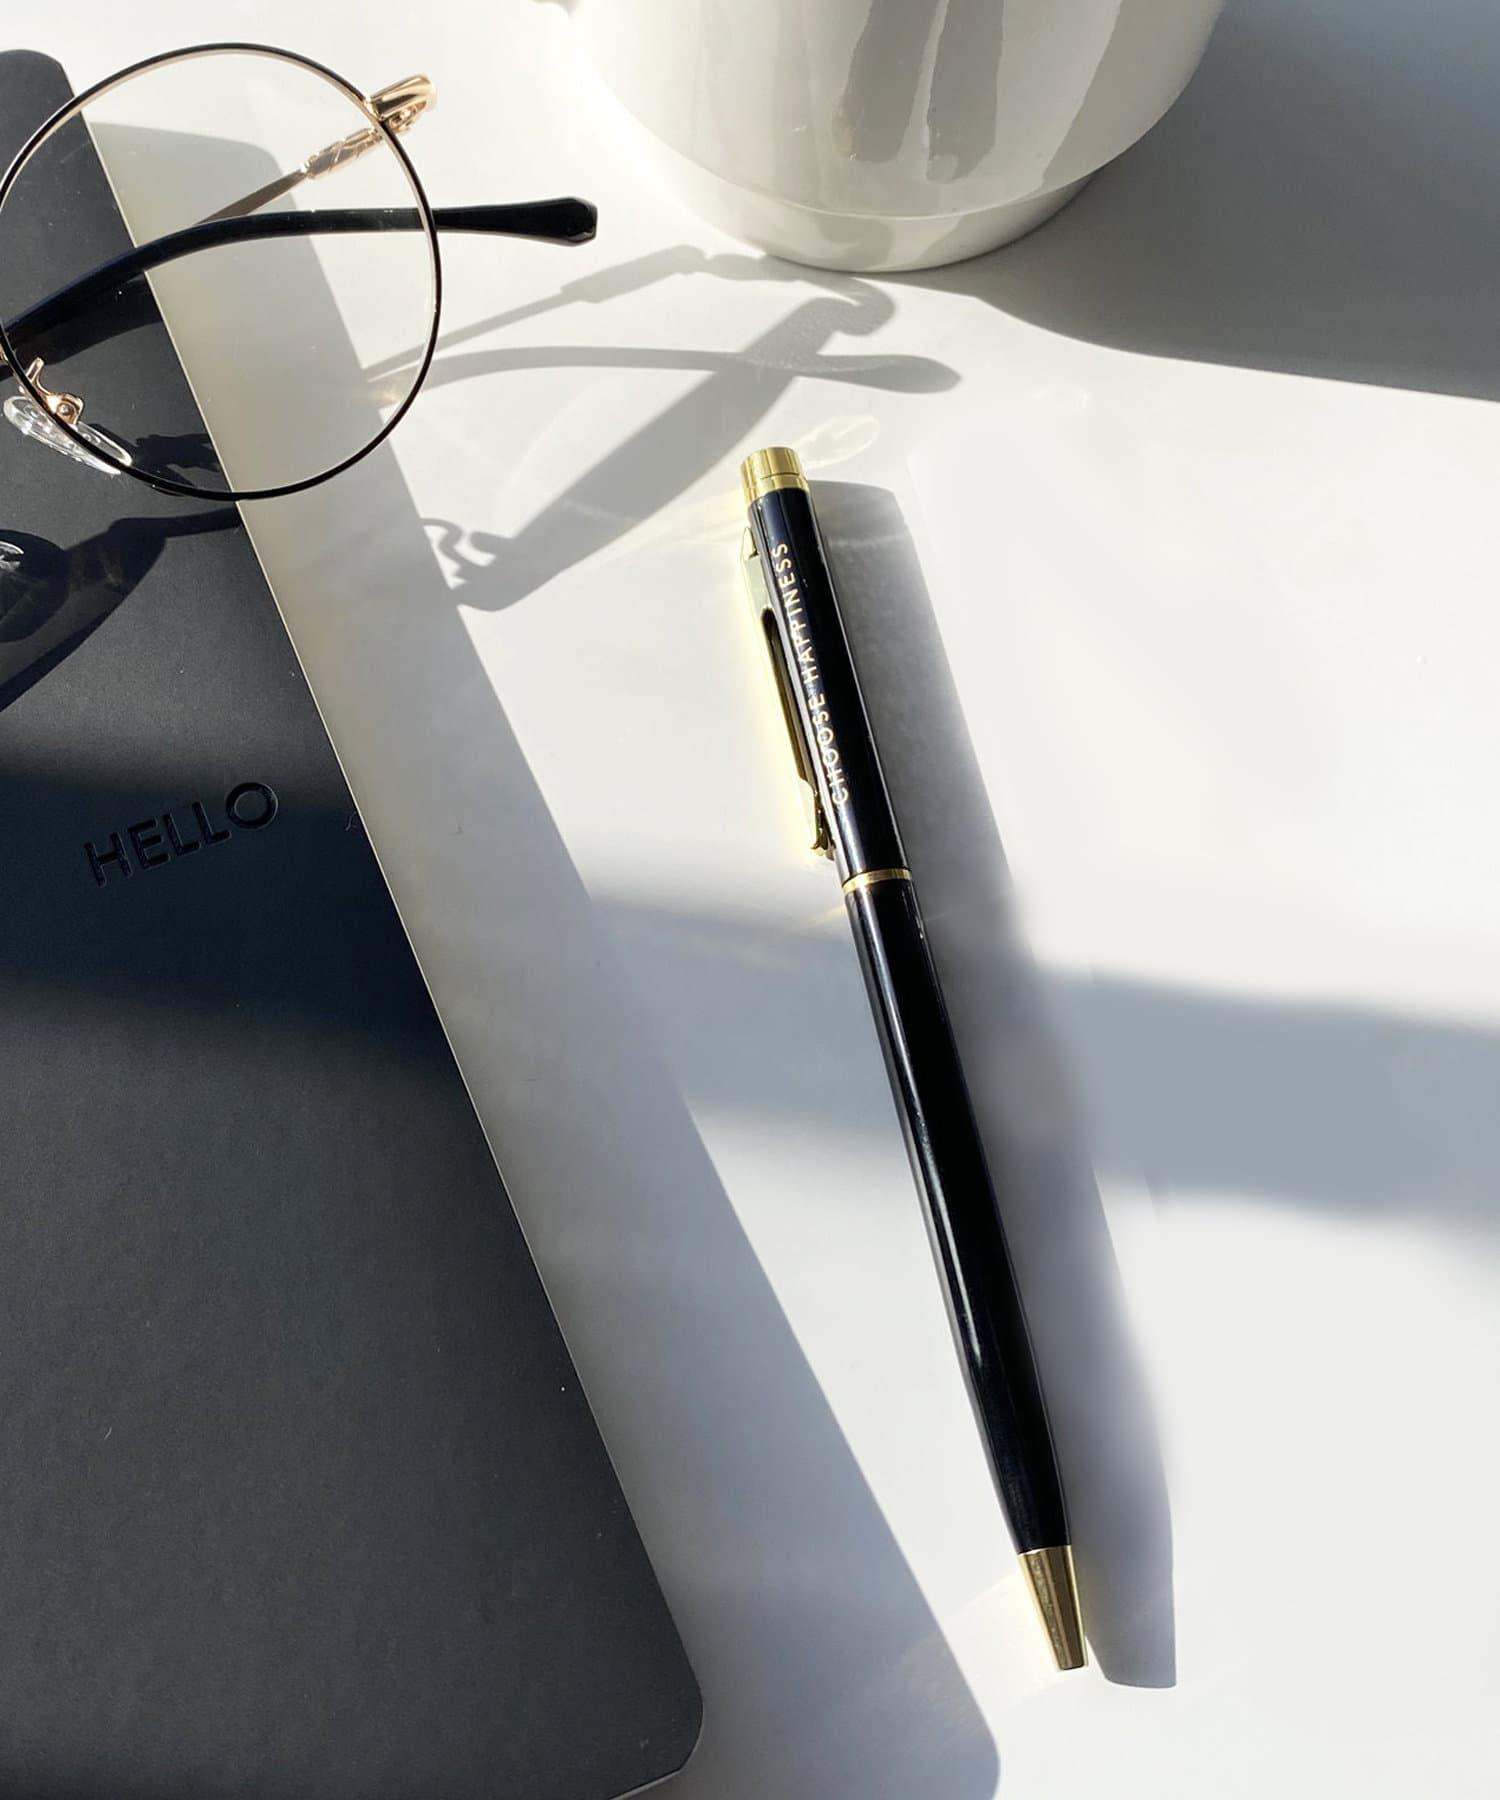 3COINS(スリーコインズ) 【ASOKO】ロゴ入りシンプルボールペン